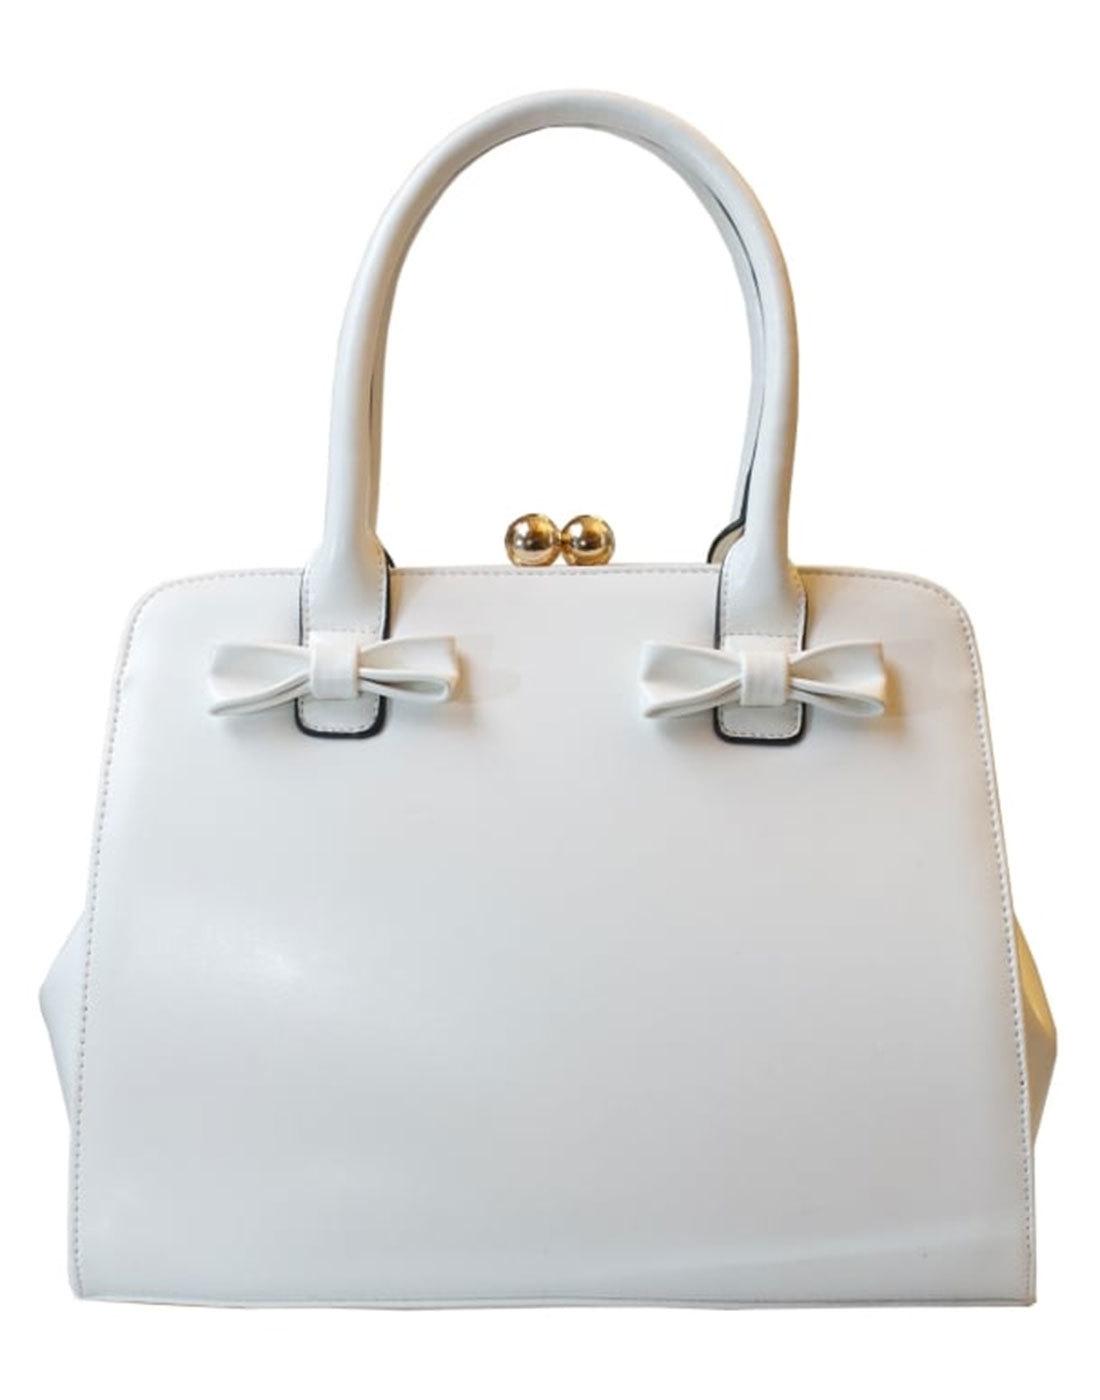 Jessica COLLECTIF Retro 1950s Bow Handbag in White